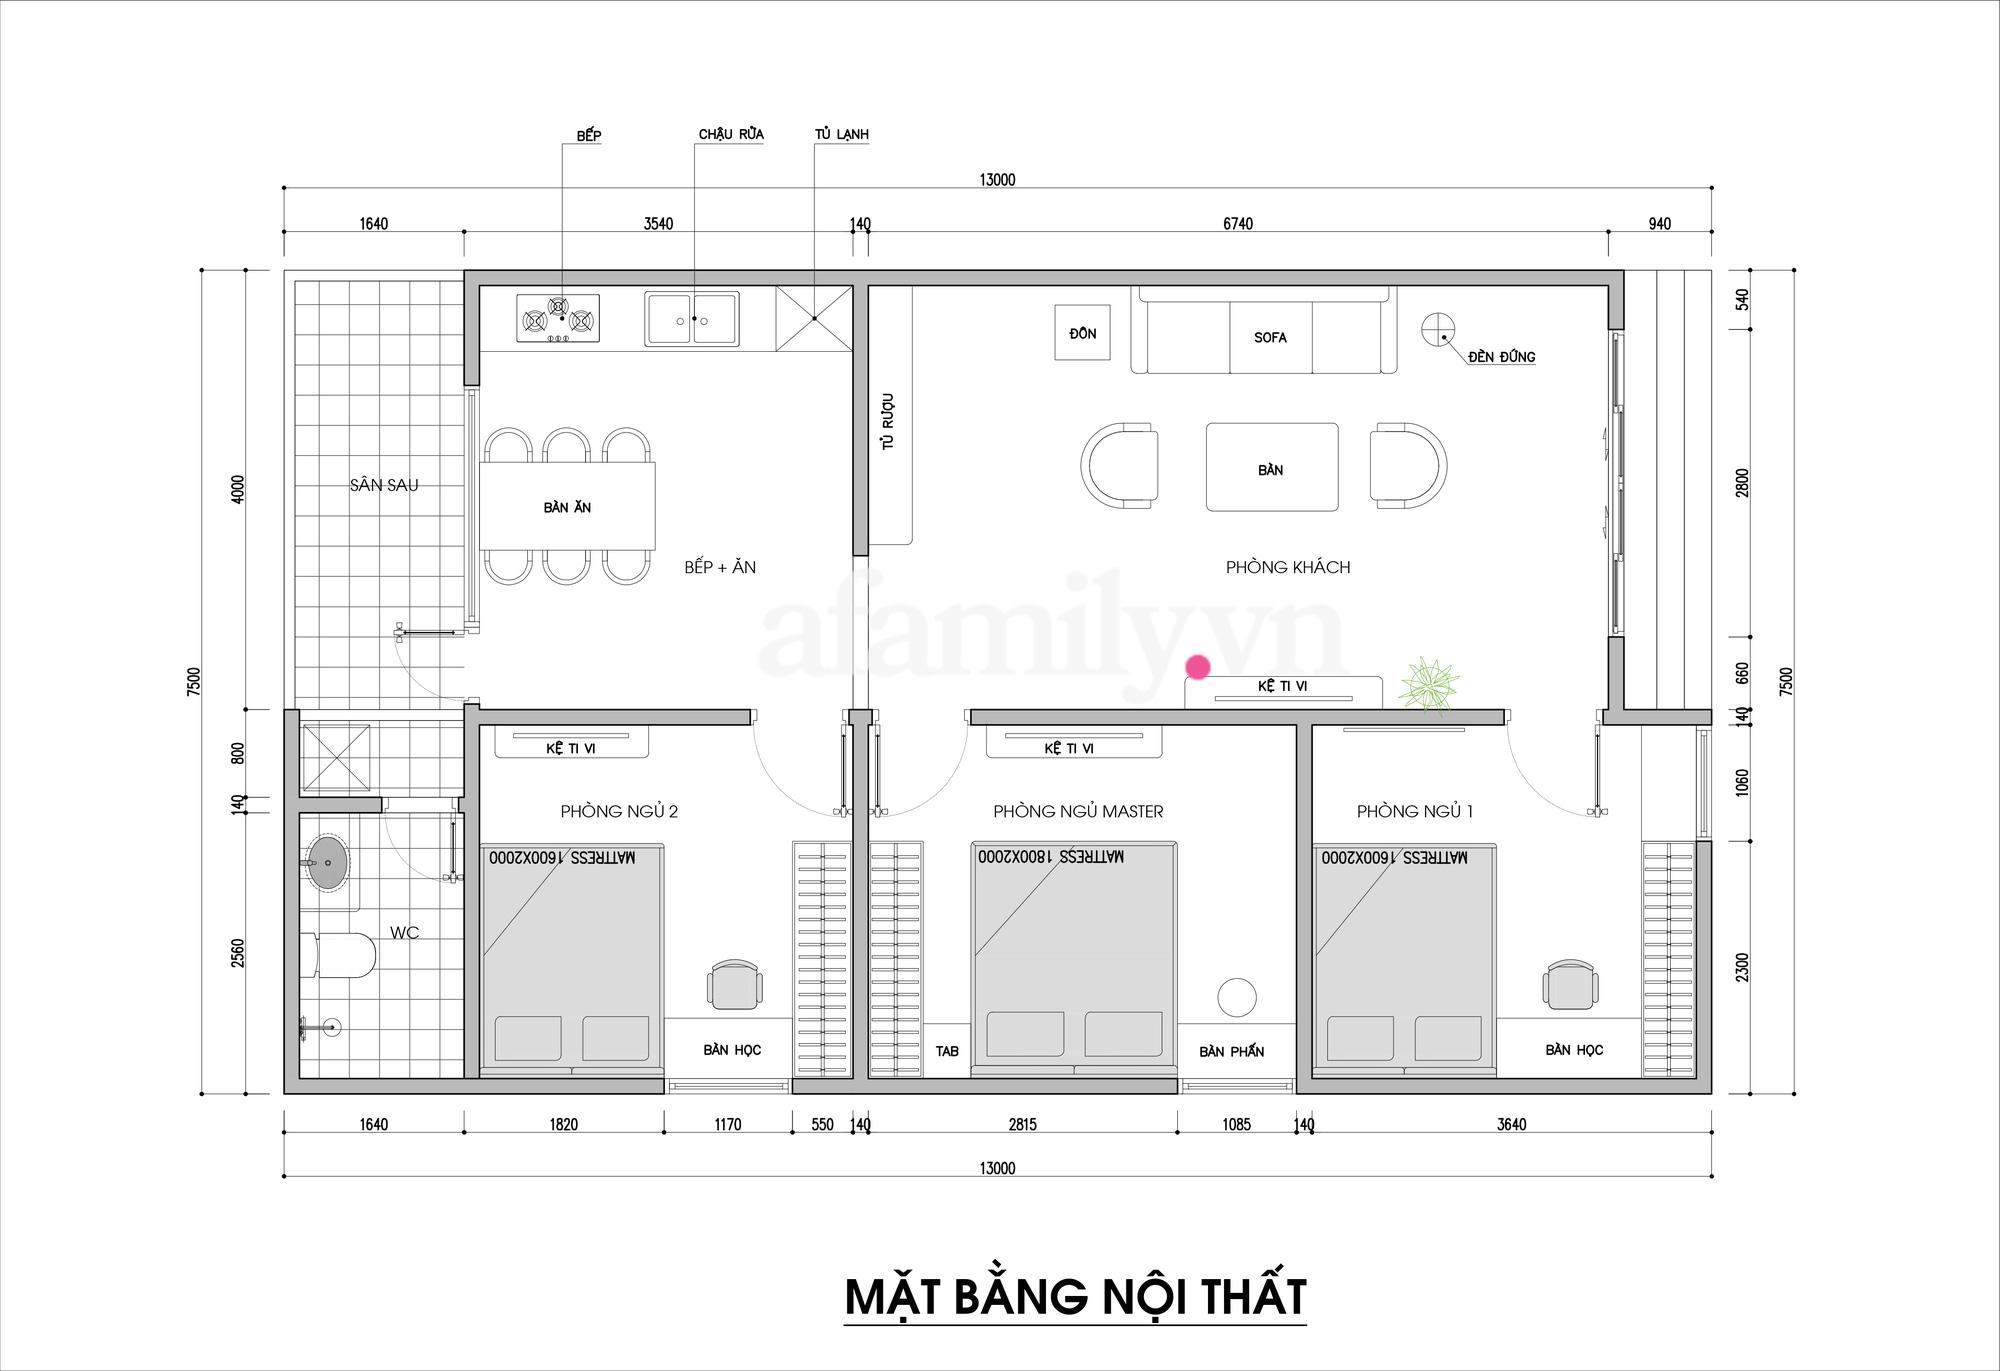 Kiến trúc sư tư vấn thiết kế nhà cấp 4 với diện tích 90m² chi phí tiết kiệm chỉ 180 triệu - Ảnh 2.